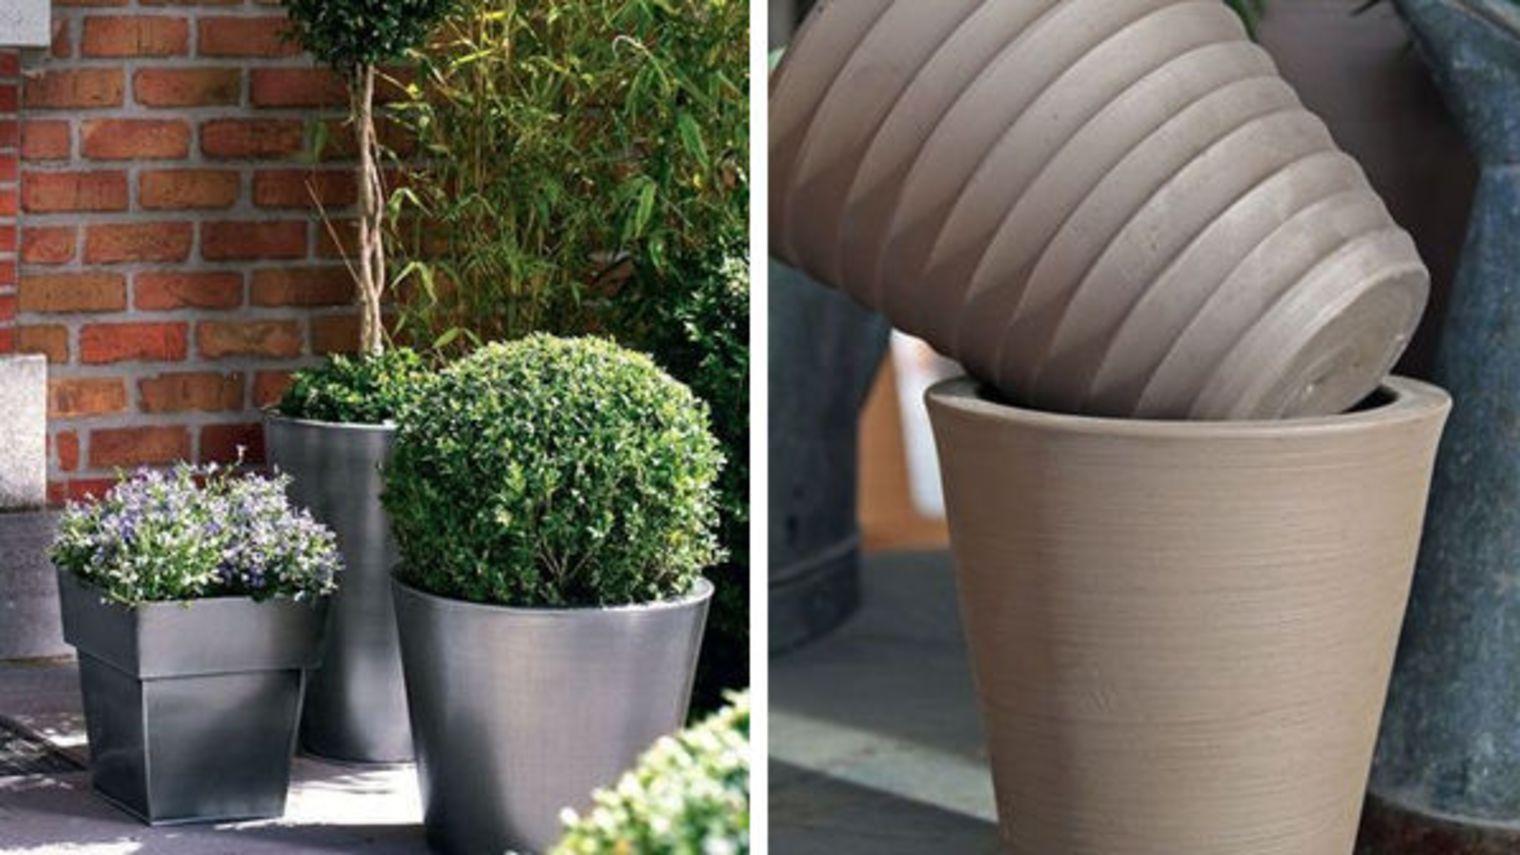 Grand Pot Pour Plante : 5 Jolis Pots Xxl Pour Un Jardin ... dedans Grand Pot Pour Jardin